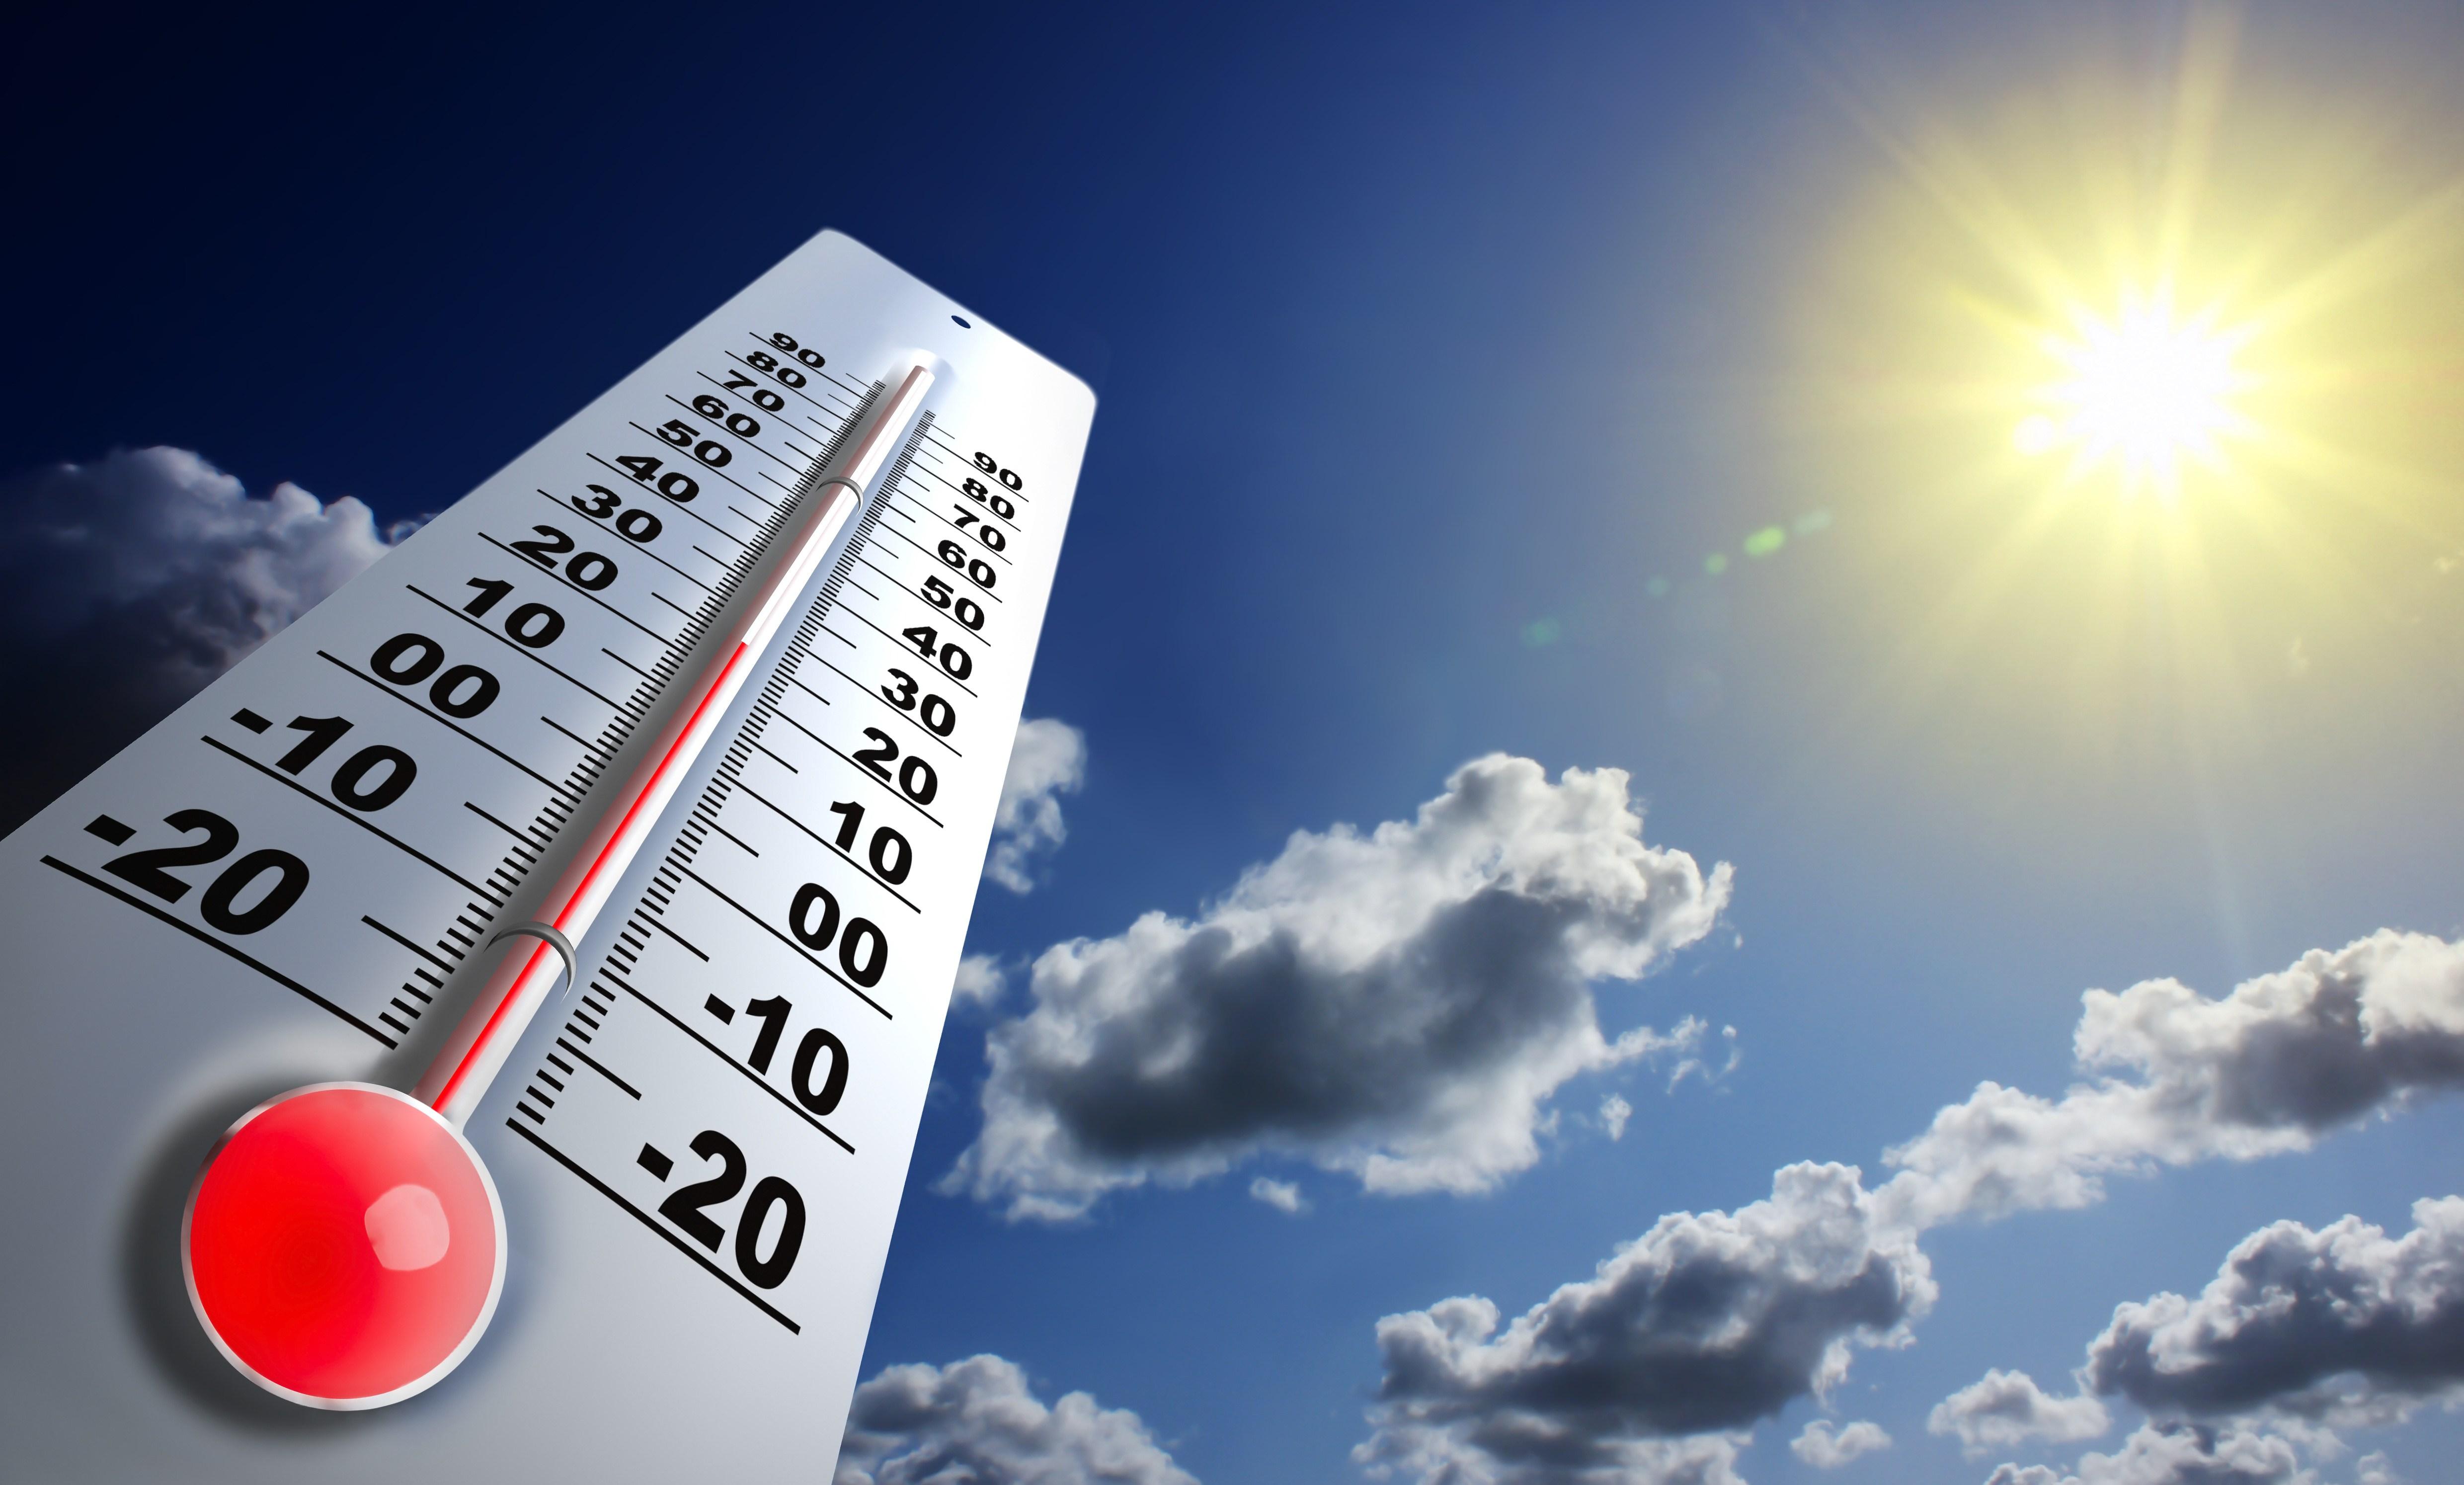 توقعات أحوال الطقس ليوم غد الأربعاء بالمغرب